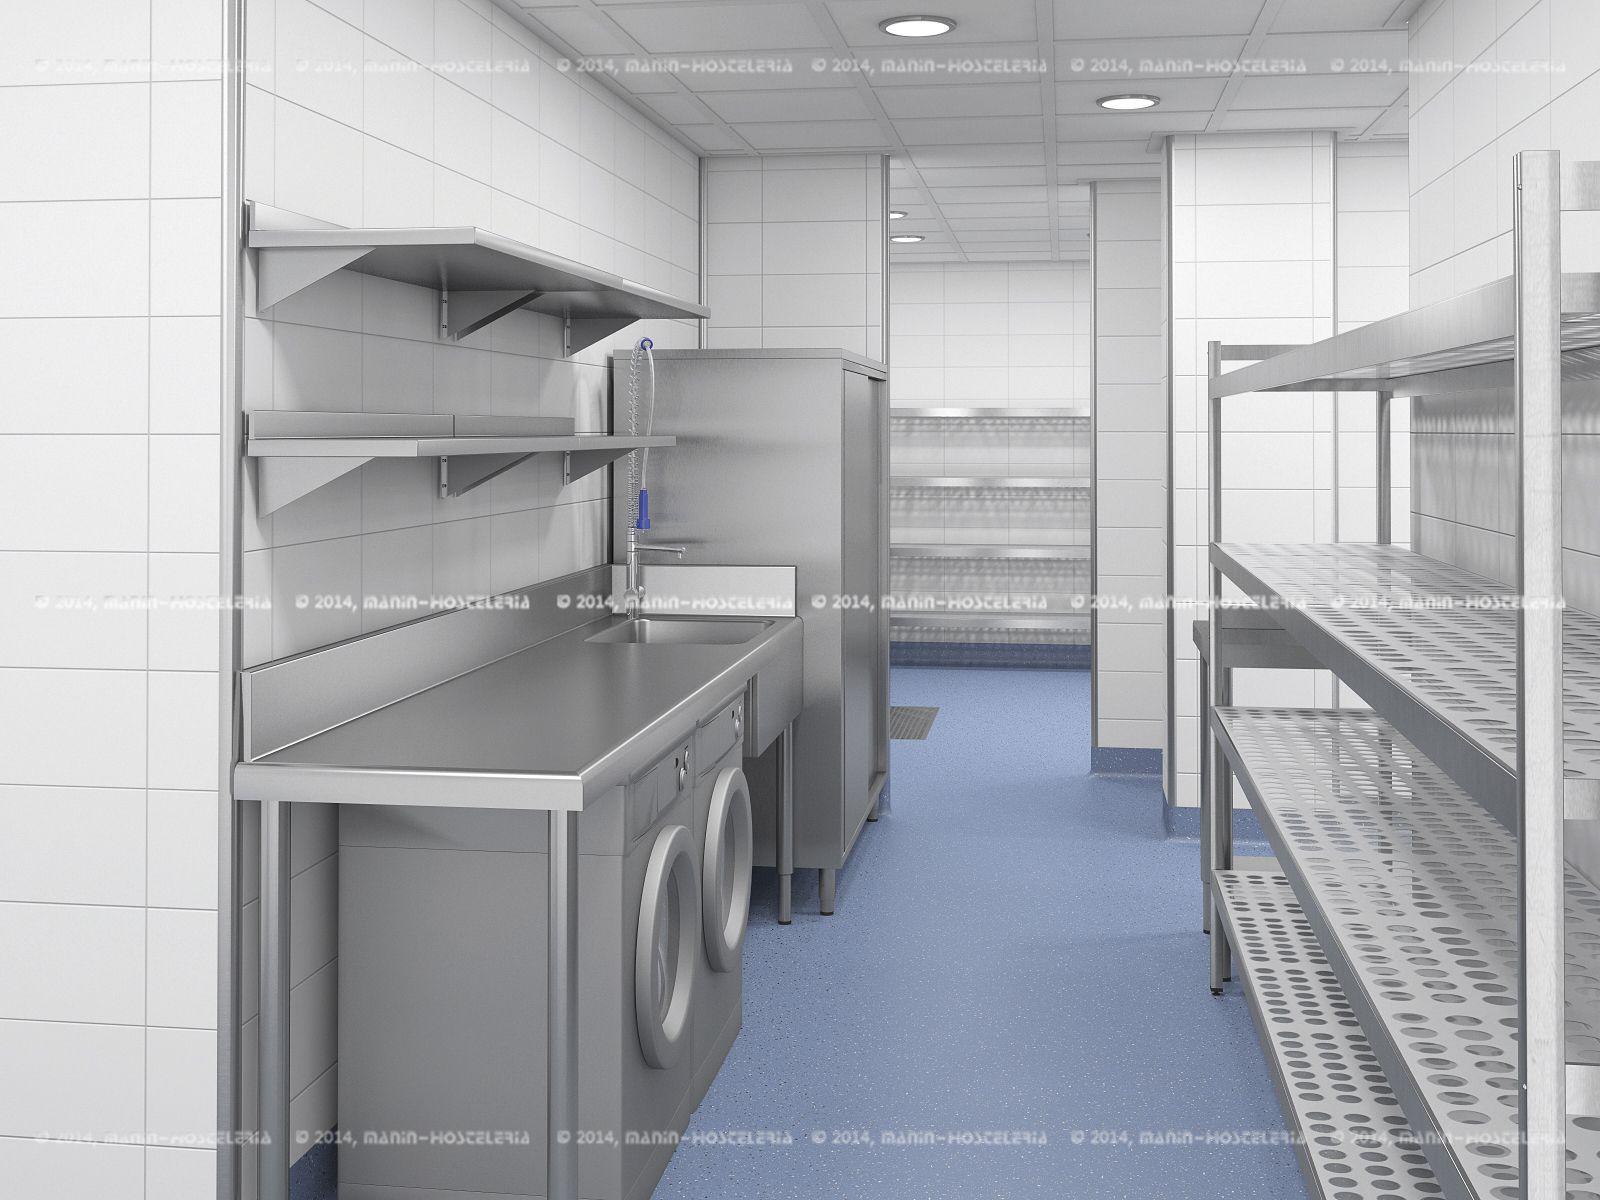 Dise o de cocina industrial en 3d y cad con rea de cocci n y rea de lavado para el - Valencia club de cocina ...